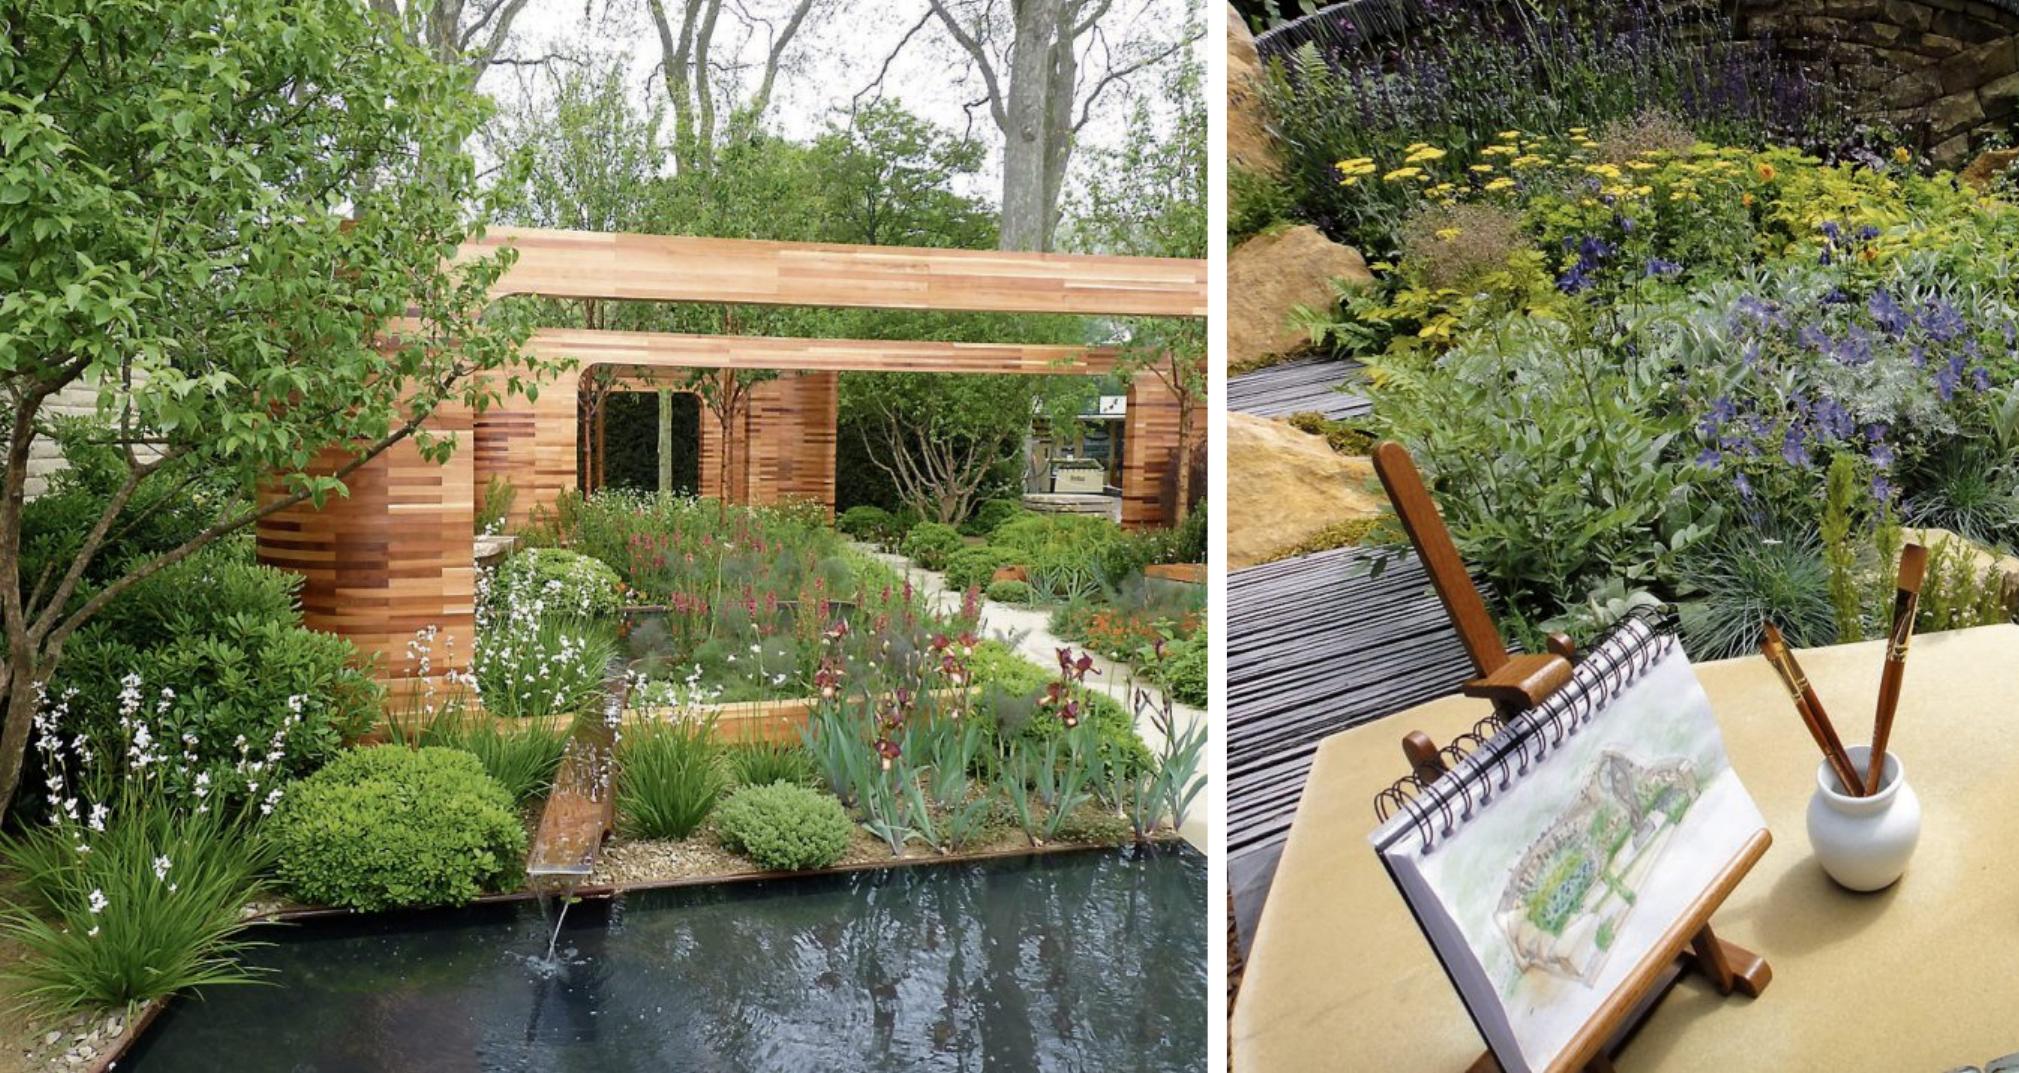 An keinem anderen Ort lässt sich Kreativität so individuell umsetzen wie im eigenen Garten. Bilder: www.gruenes-presseportal.de